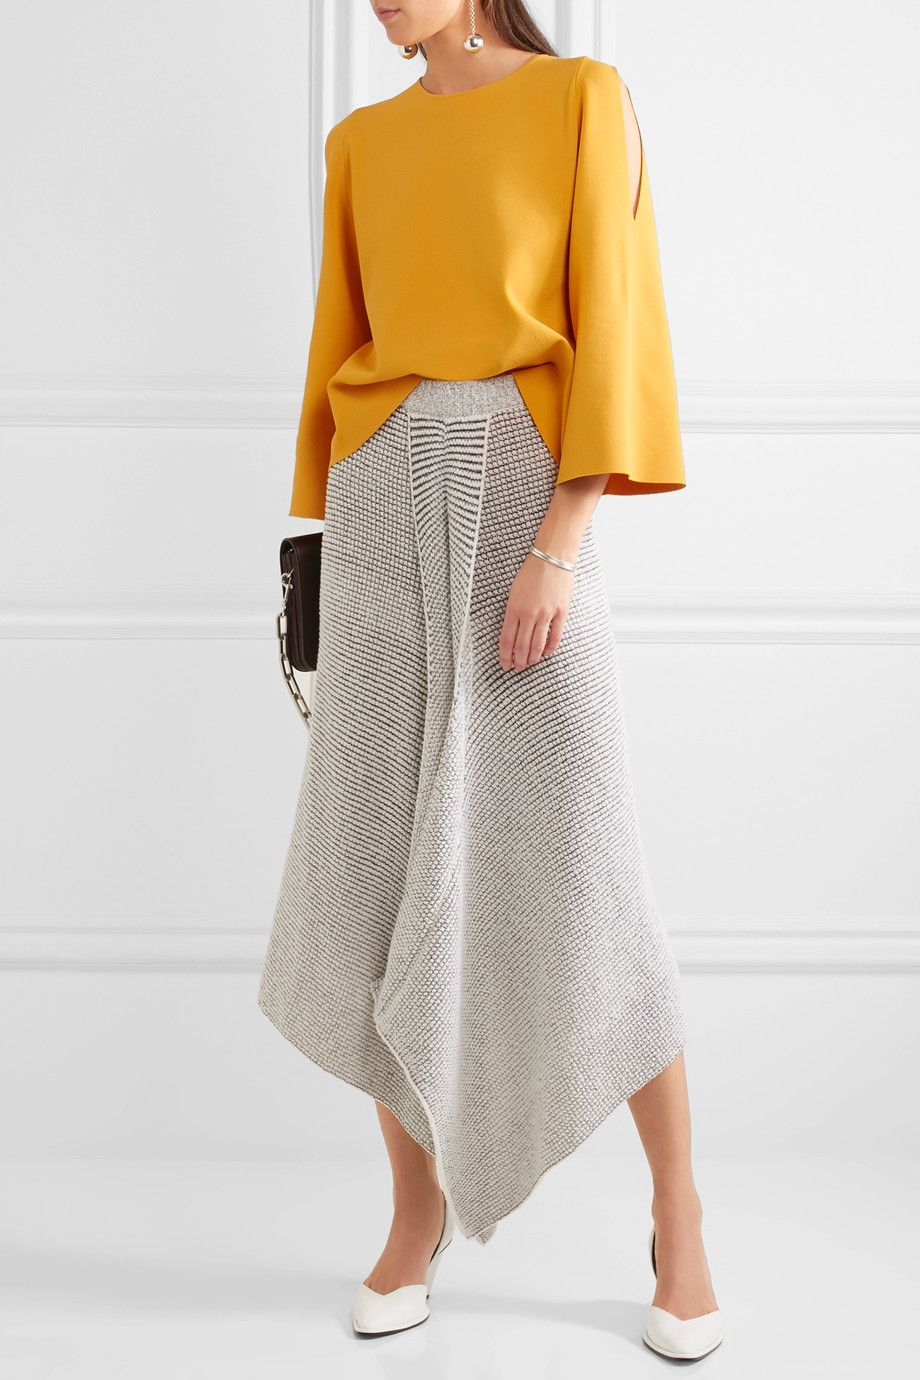 Stella McCartney   Cutout knitted top   NET-A-PORTER.COM